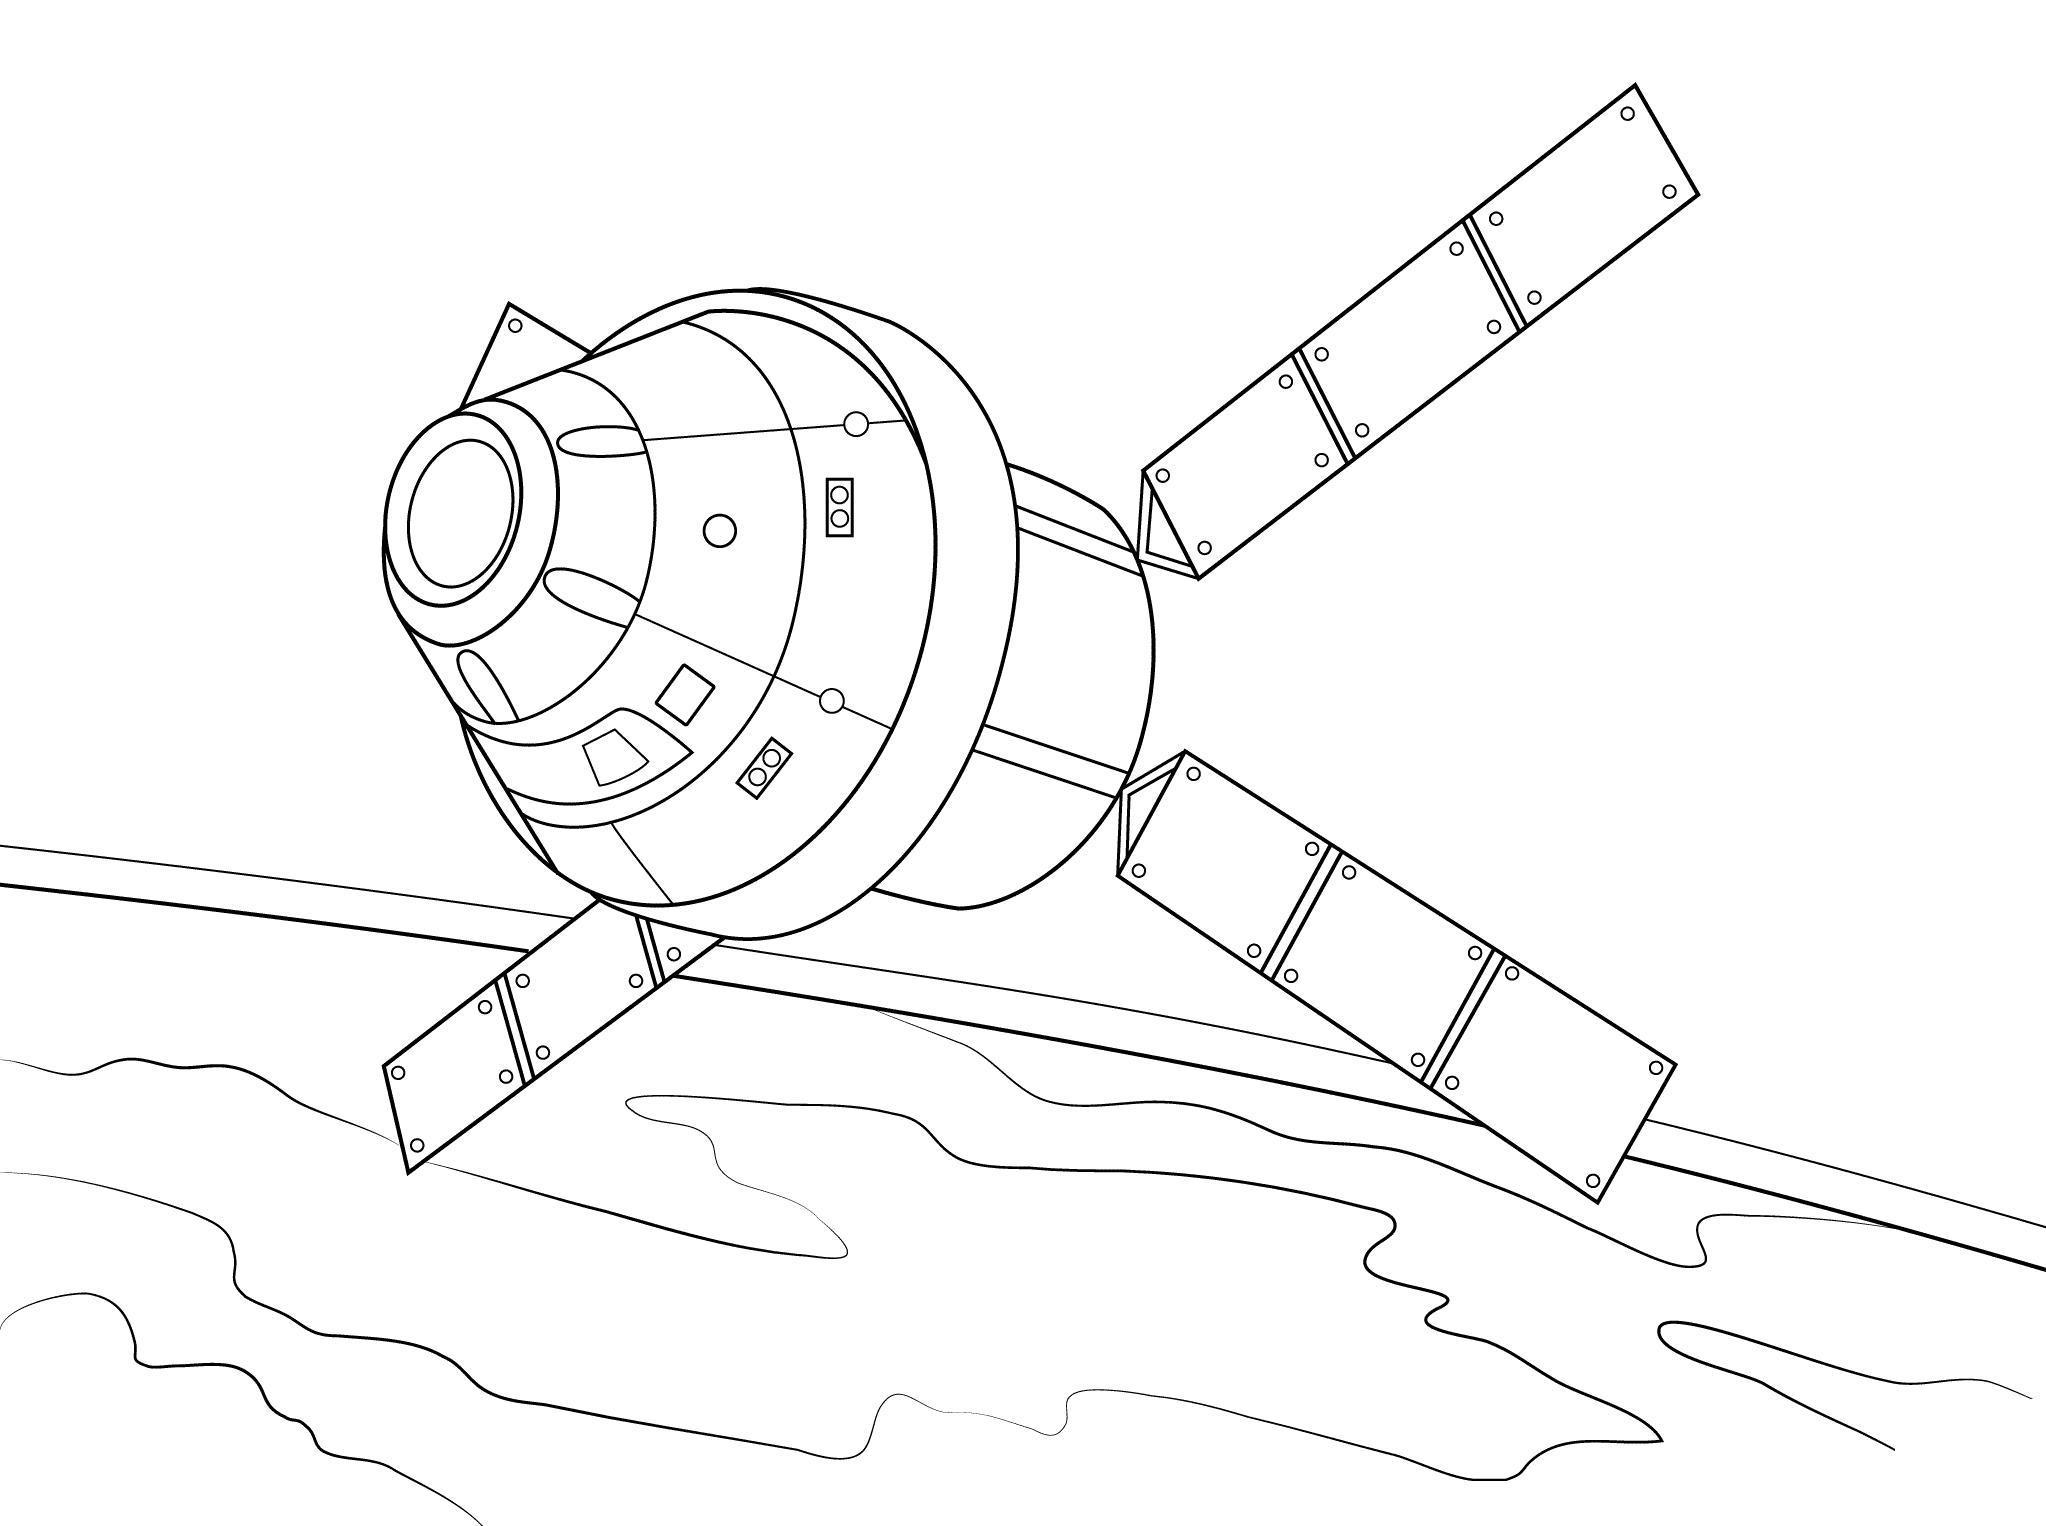 Спутник на орбите планеты Скачать раскраски для мальчиков